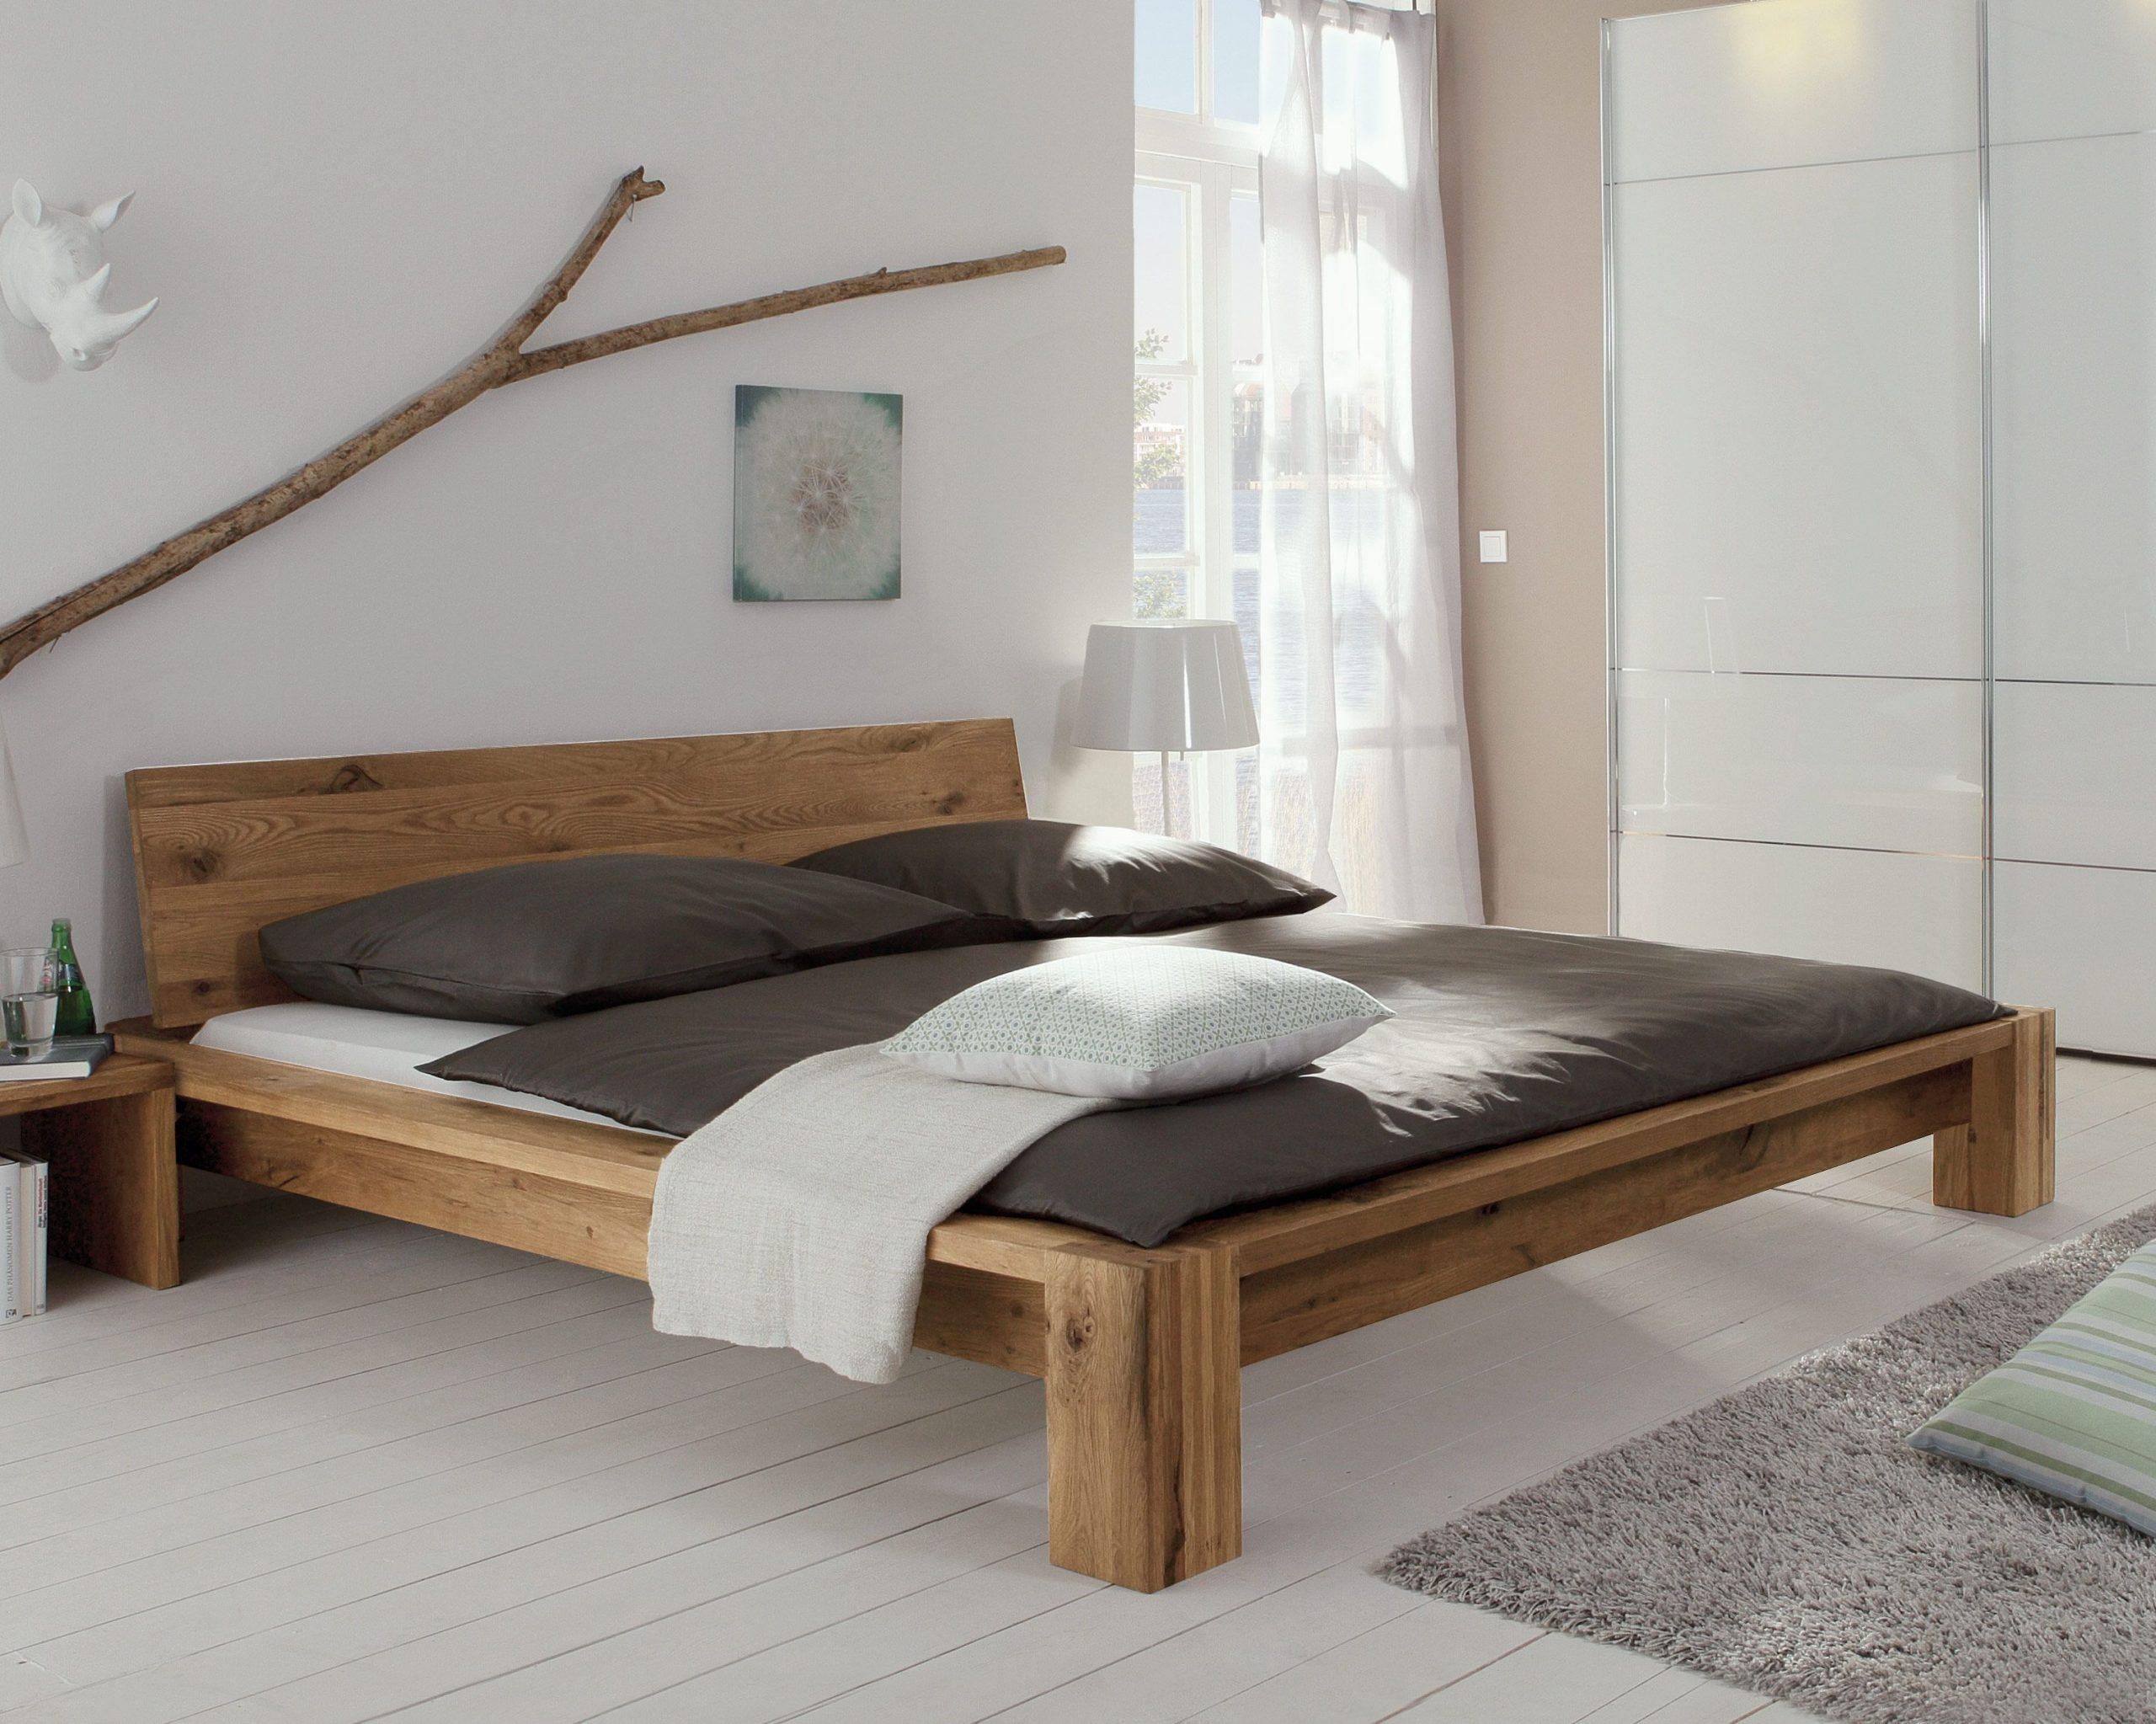 Full Size of Bett Perugia Eichenbetten Ausgefallene Betten Küche Holz Modern Moderne Landhausküche Sichtschutz Garten Landhausstil Aus Grau Coole Günstige Amazon 140x200 Bett Betten Aus Holz